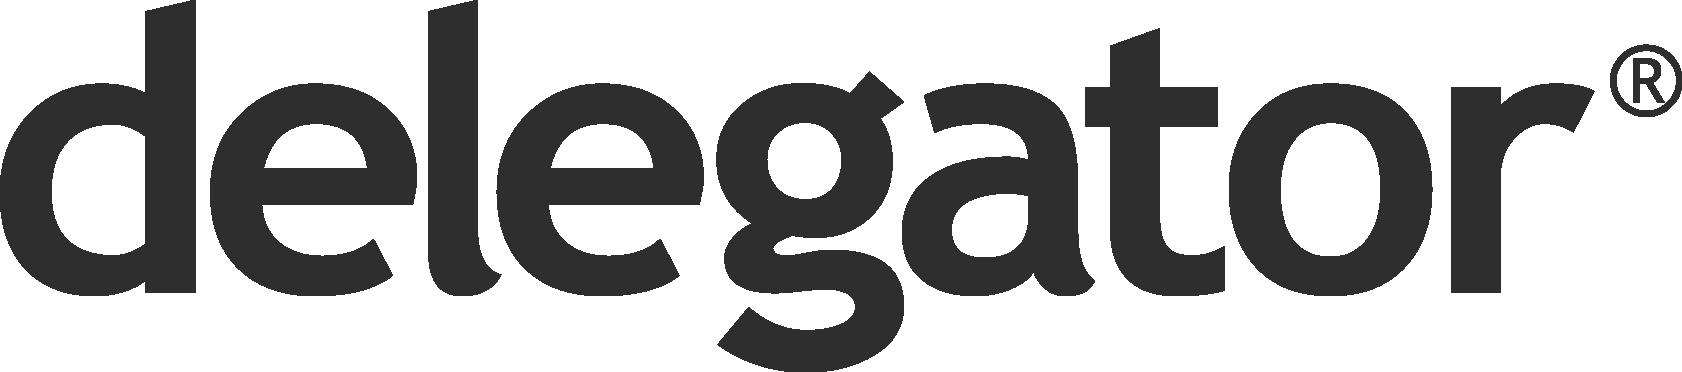 dg-logo-dkgrey (2).png